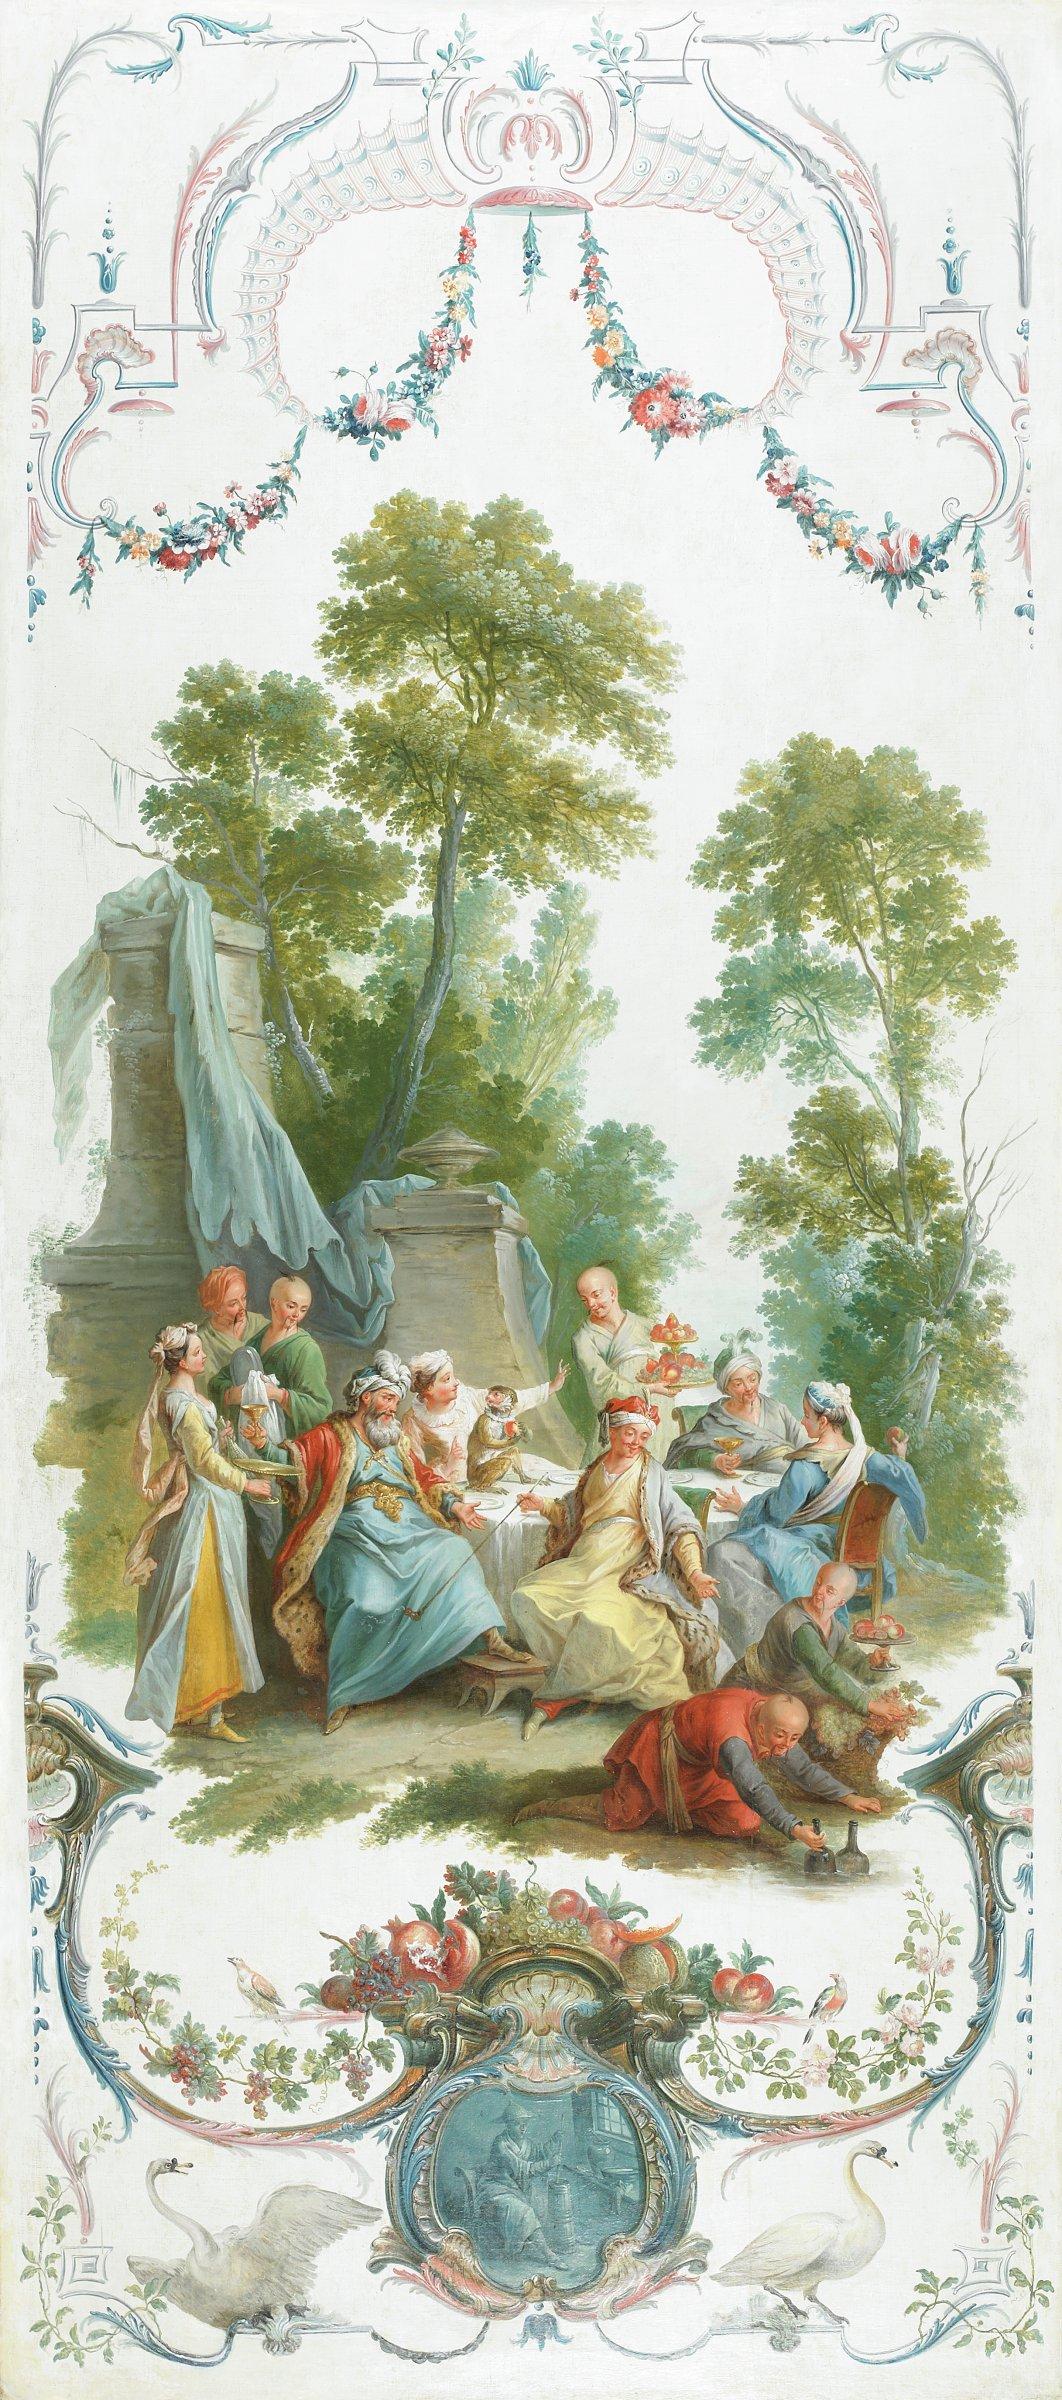 Le repas froid dans le parc (The Picnic in the Park), Christophe Huet, oil on canvas